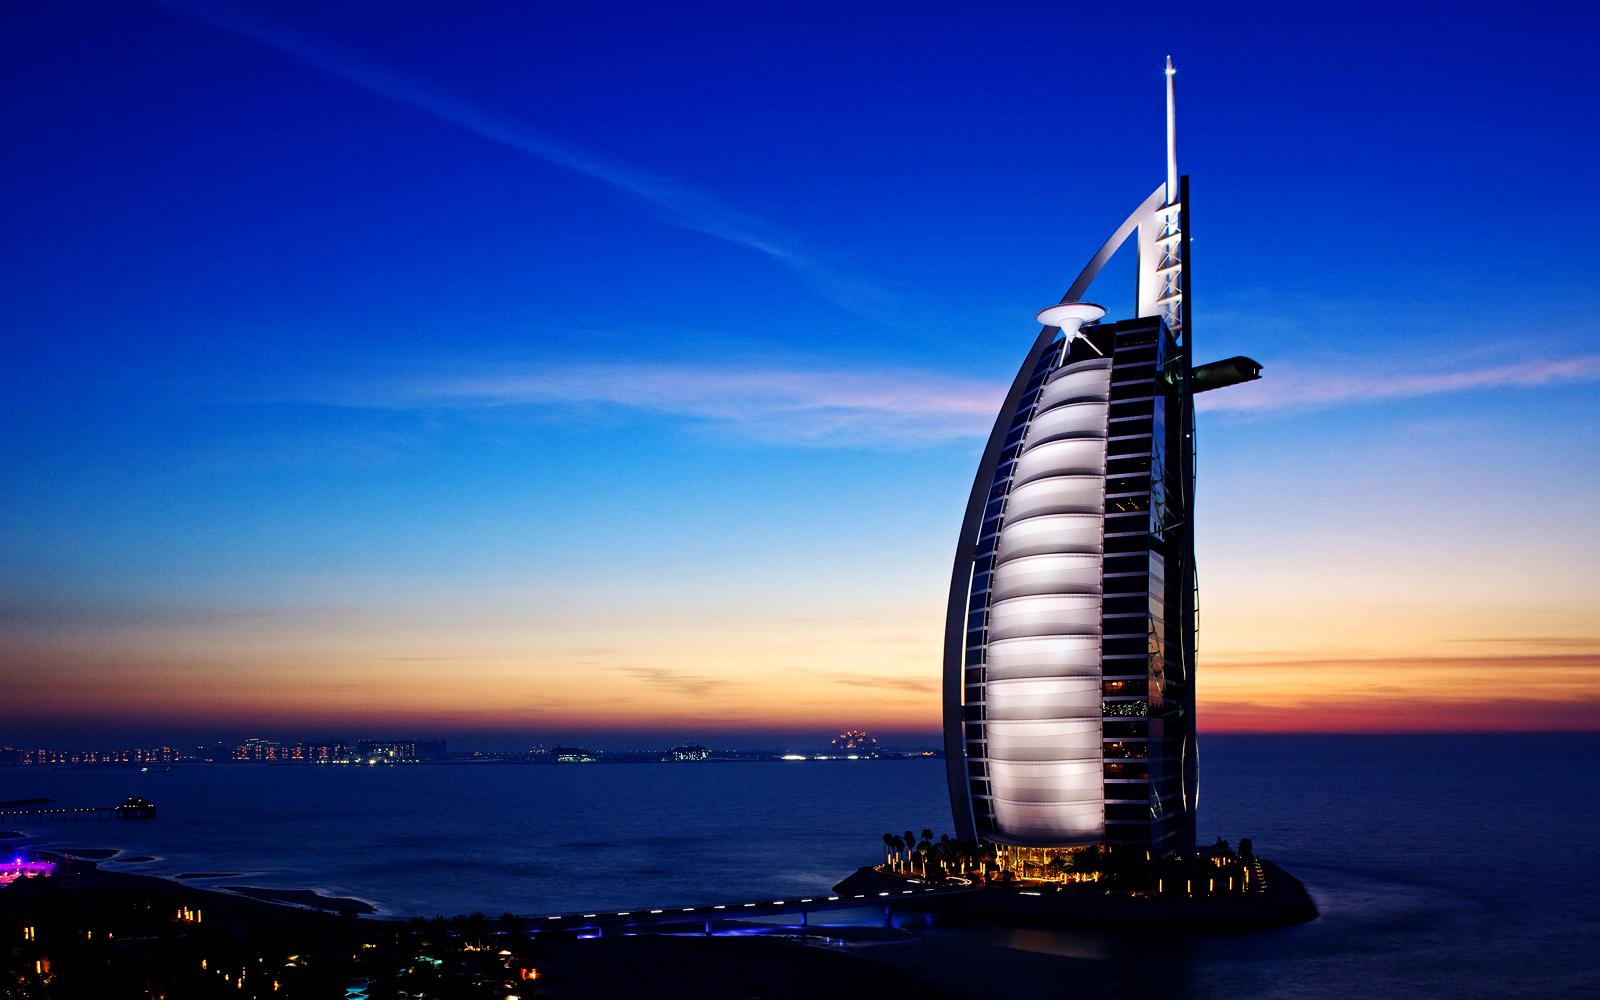 Luxury Hotel Burj Al Arab Hd Wallpapers Hd Wallpapers